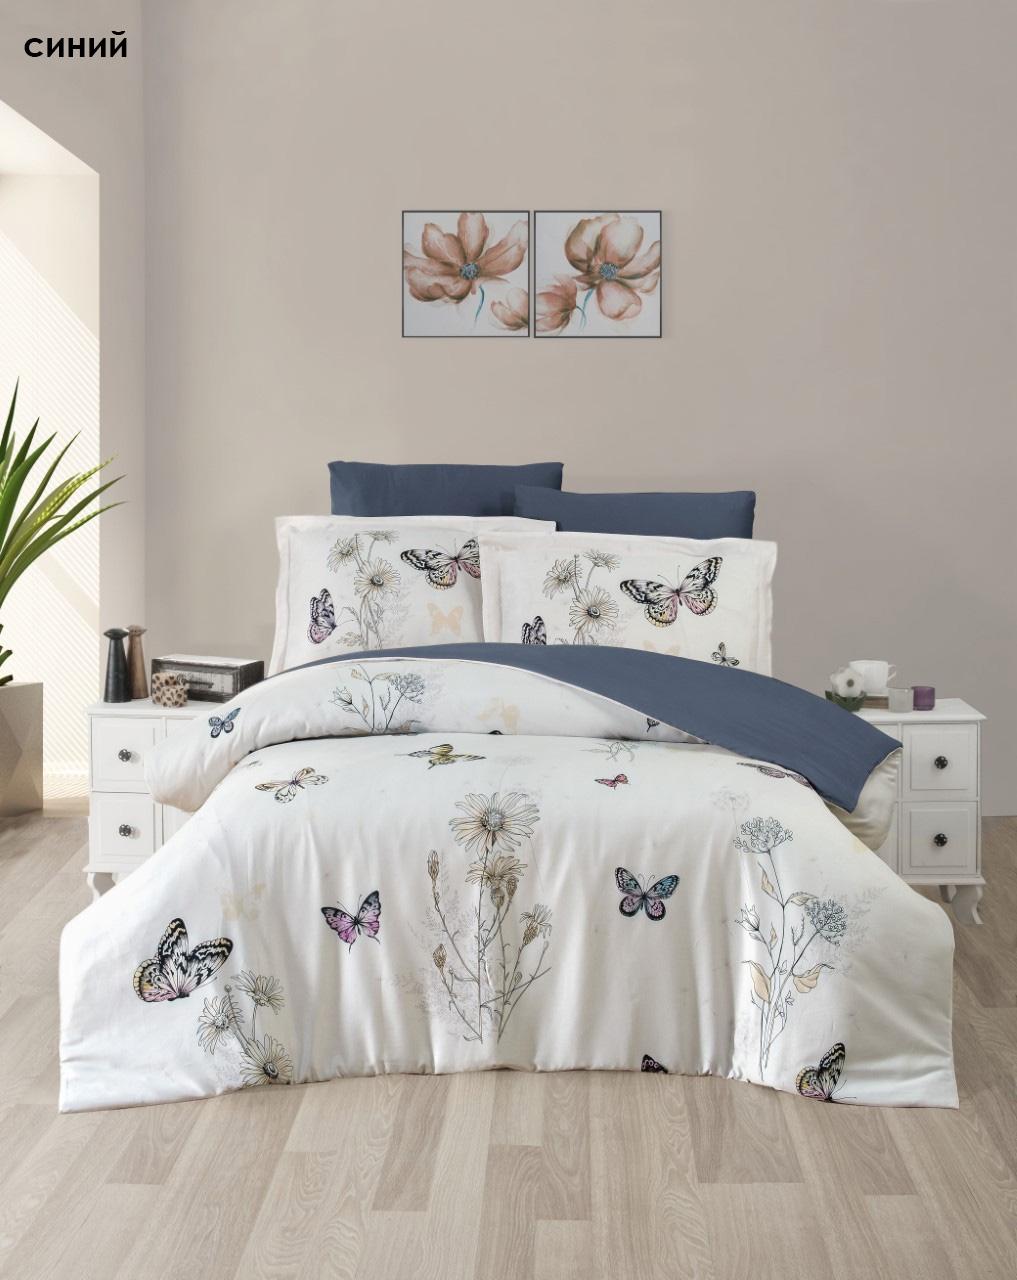 Сатиновое постельное белье Lux 11335 Daisy Doco